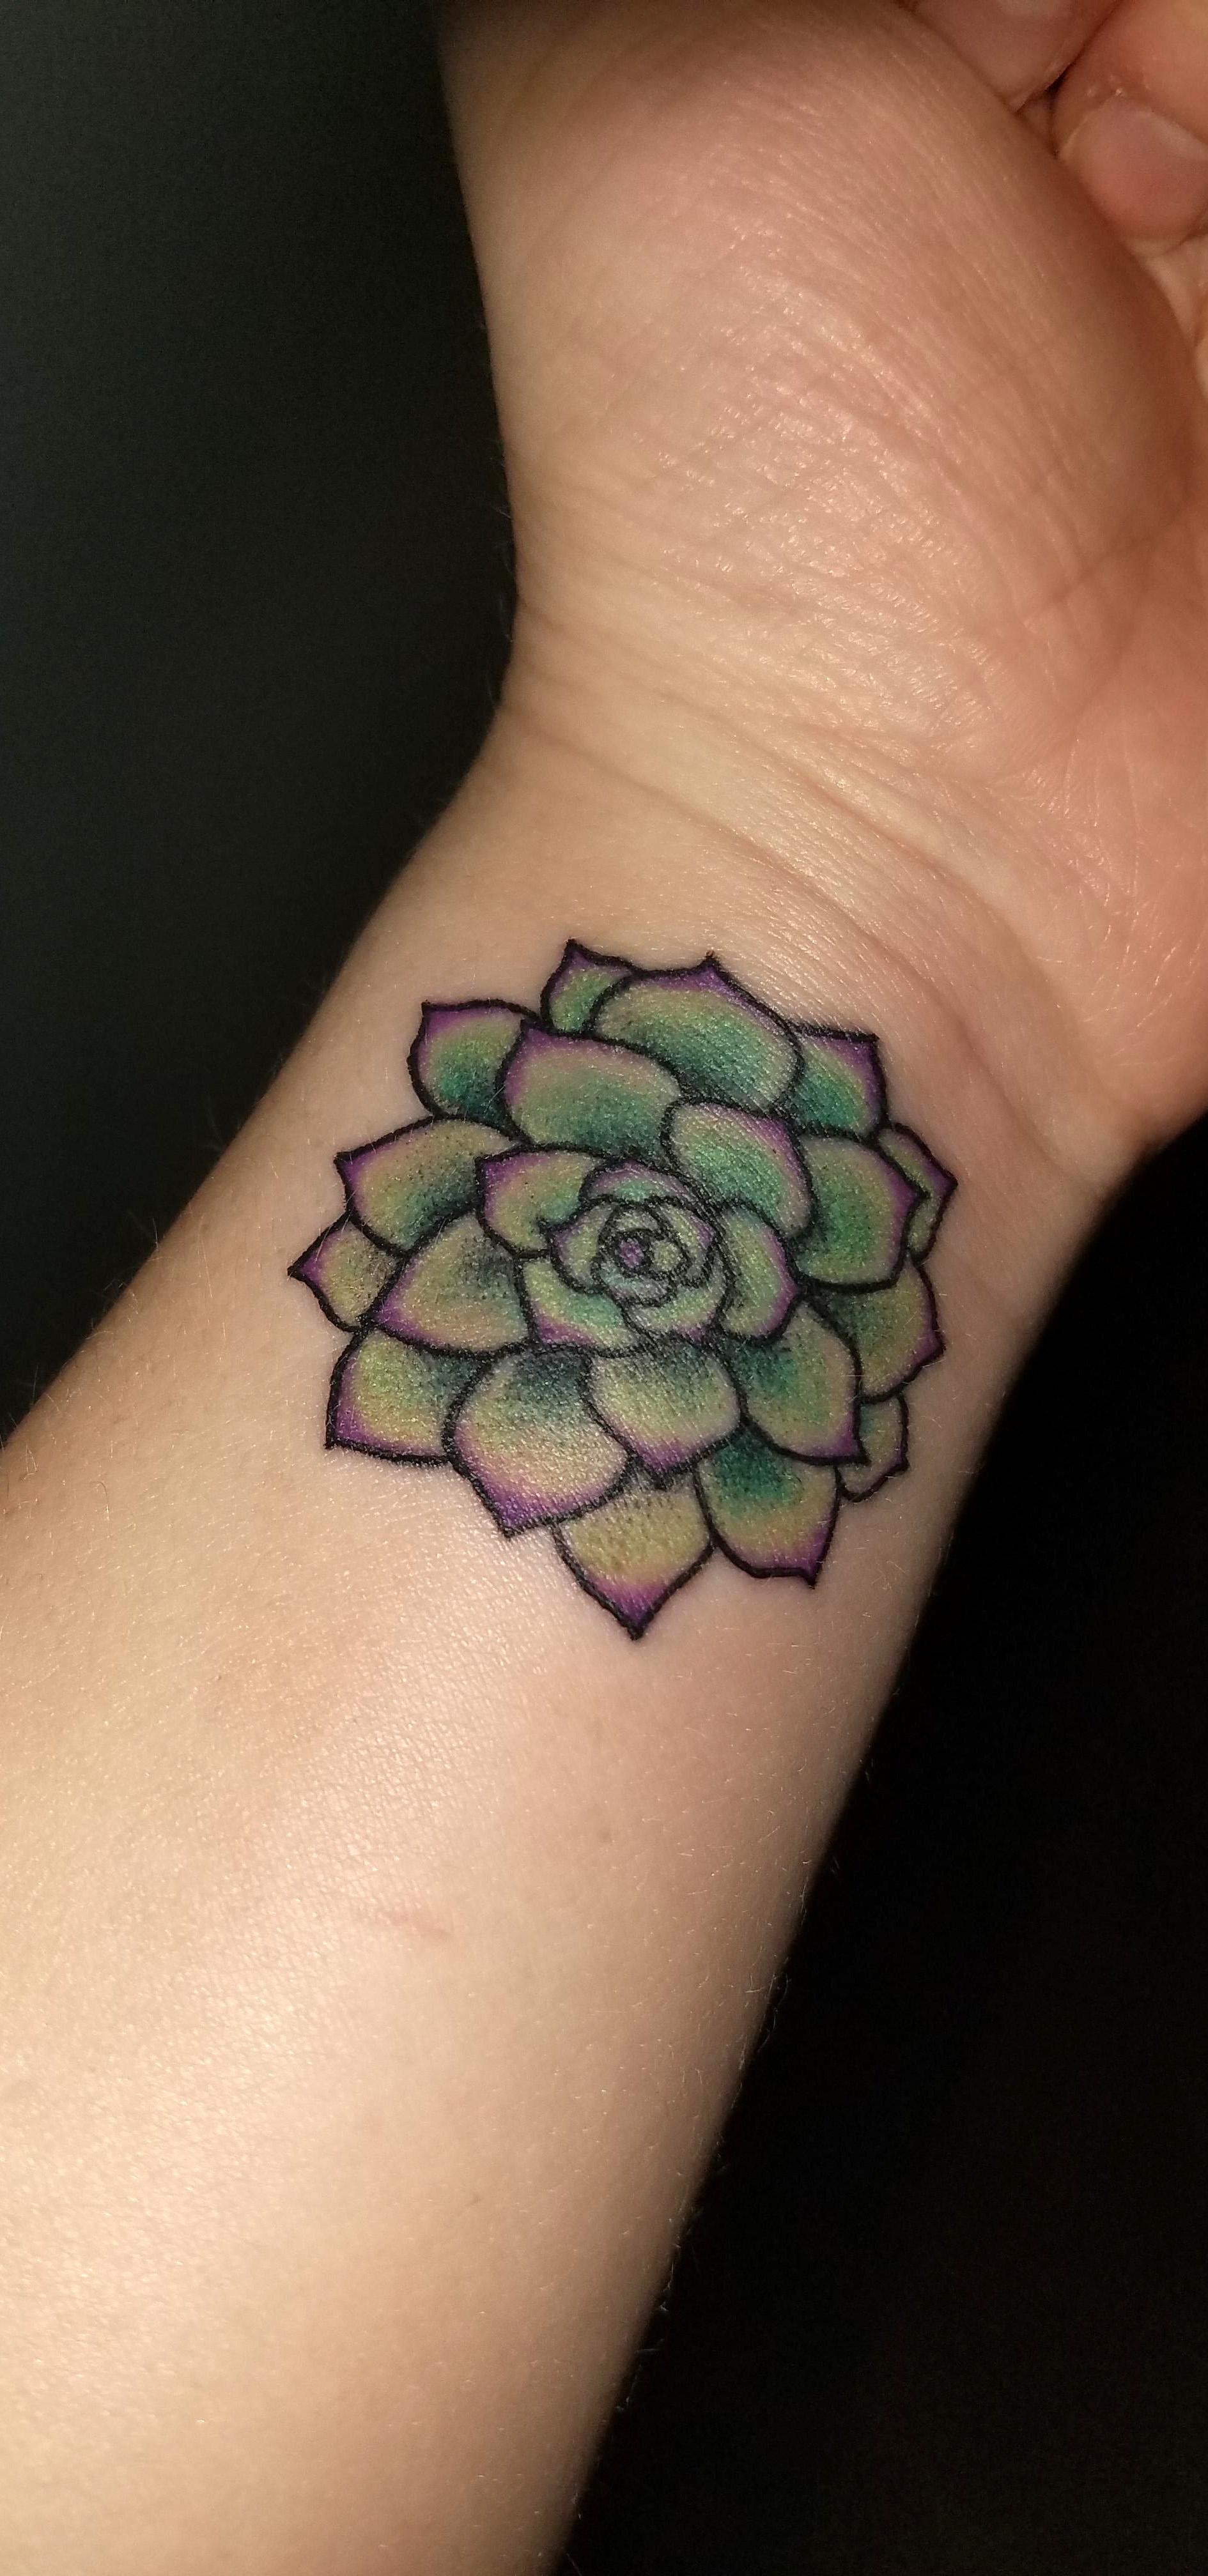 Succulent Tattoo By Austin Archer Kingdom Tattoo Decatur